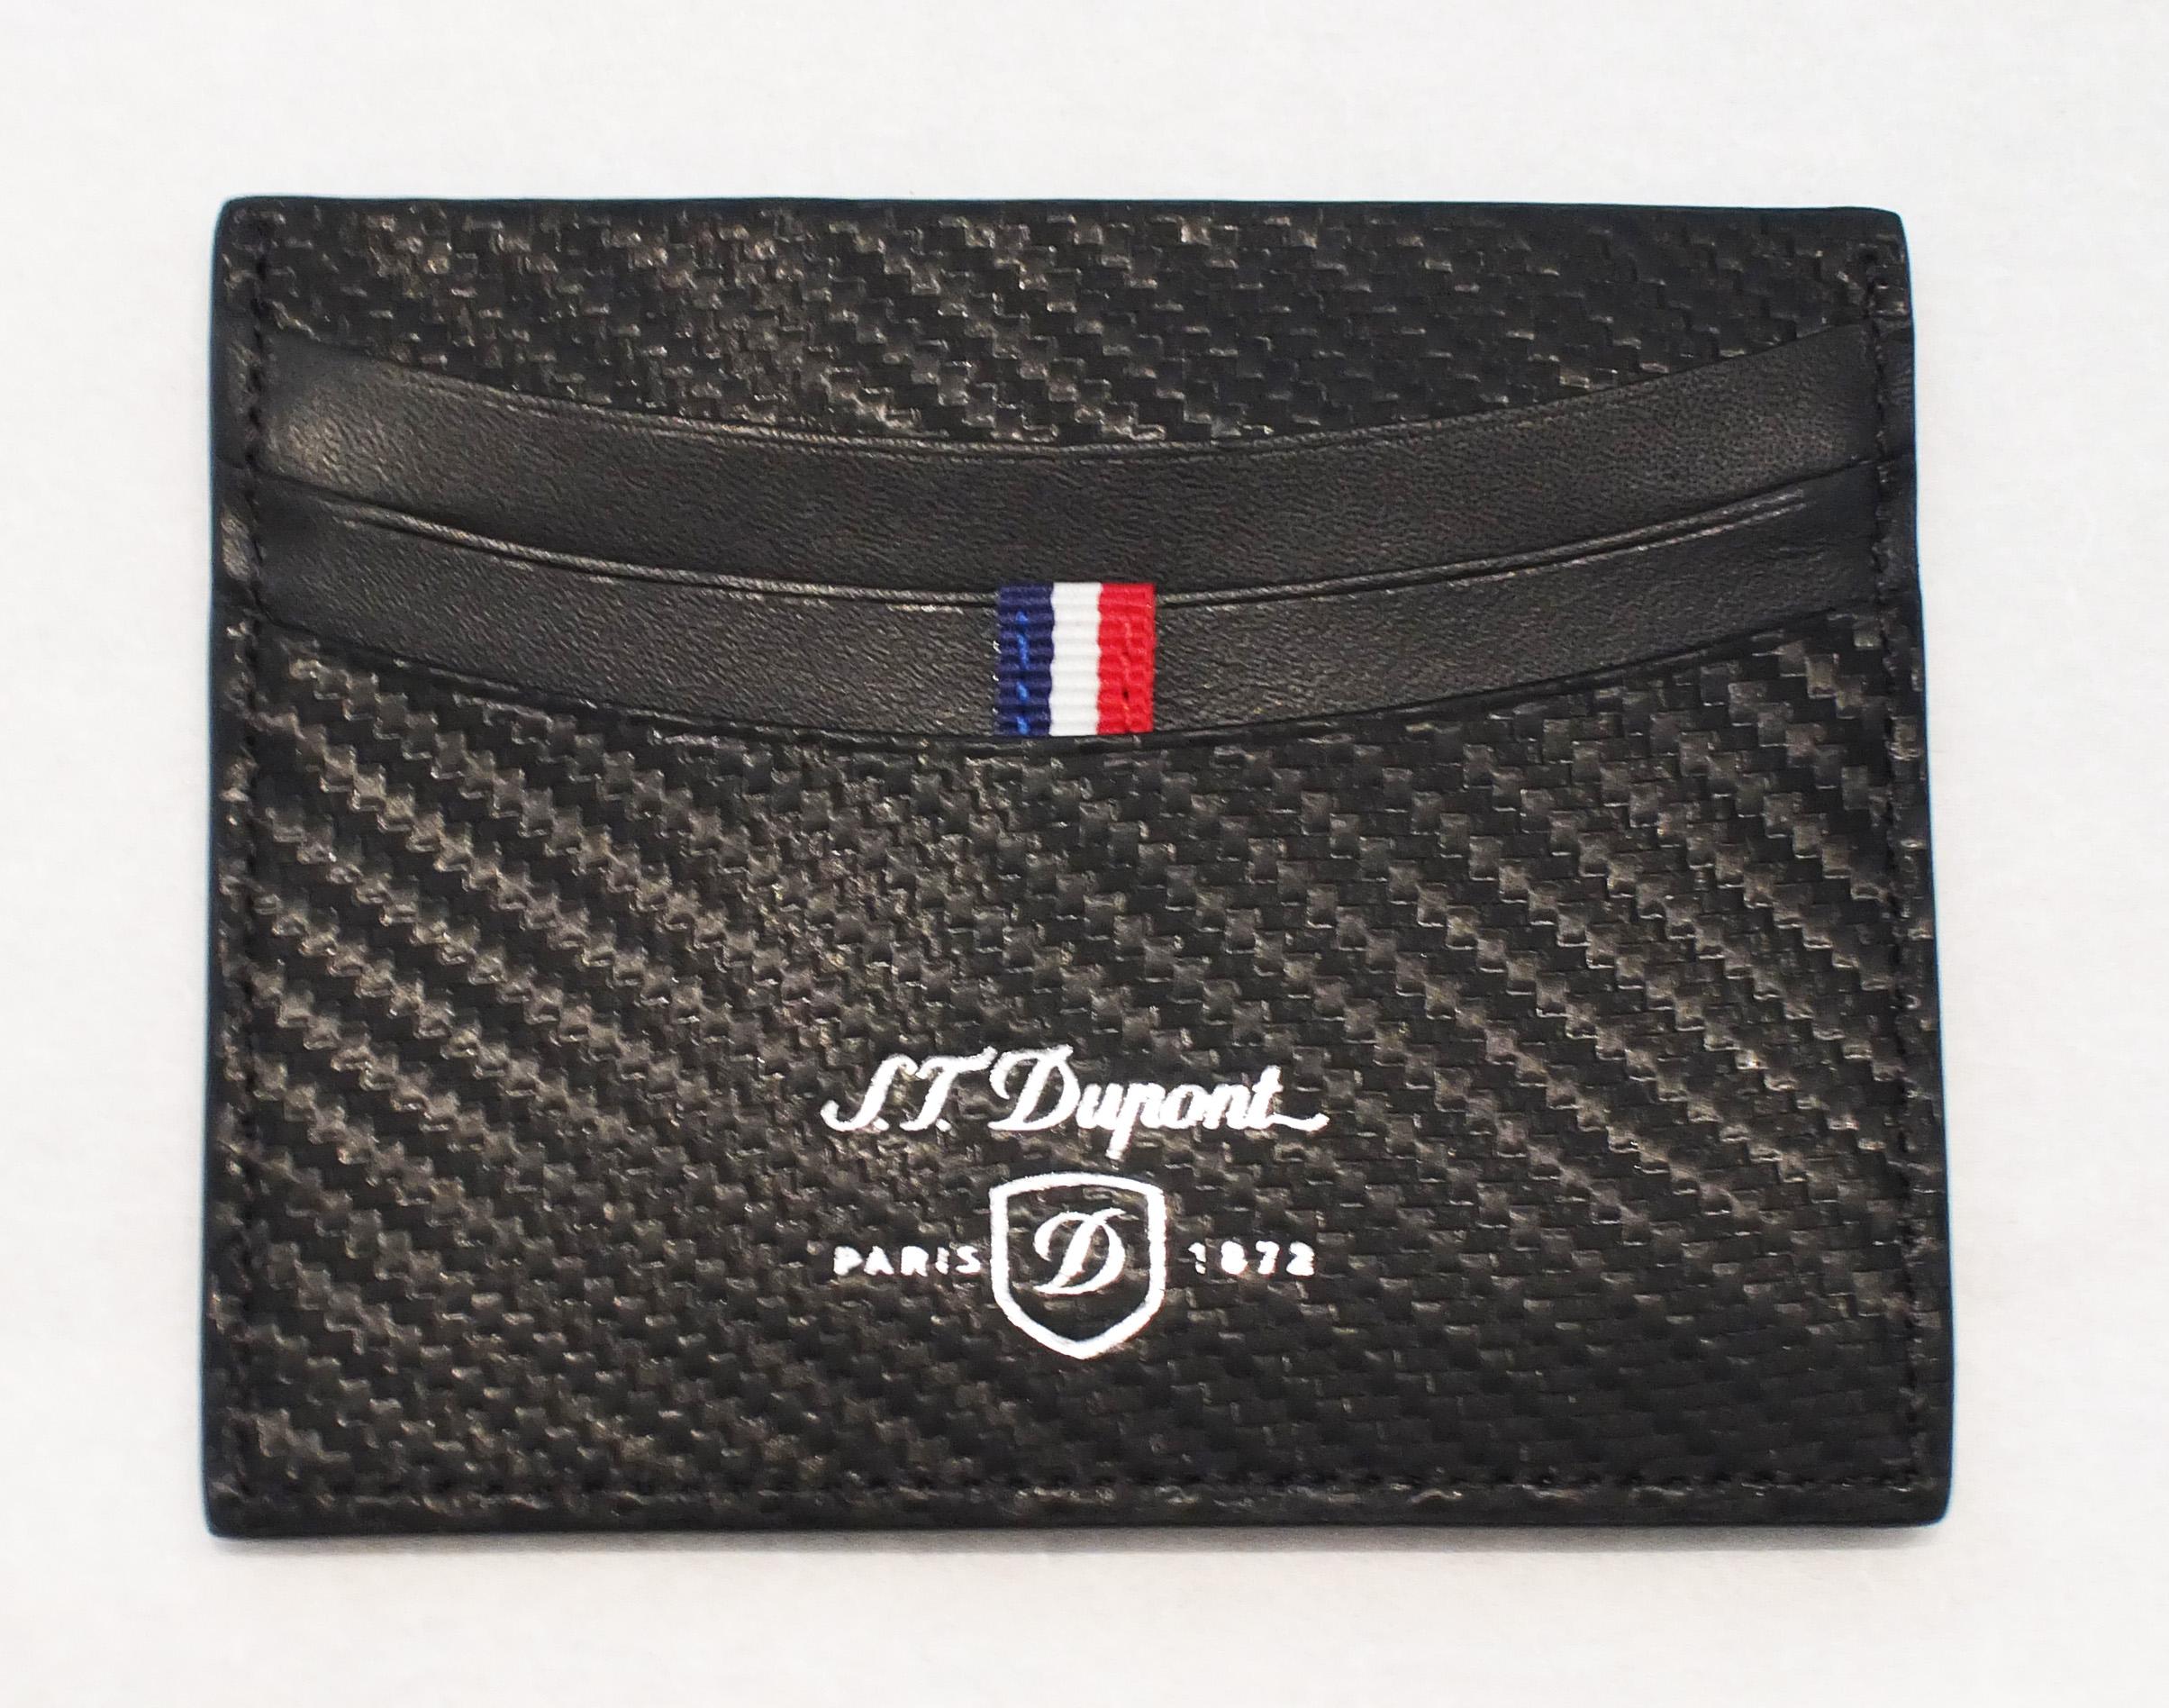 ST Dupont Defi Credit Card Holder